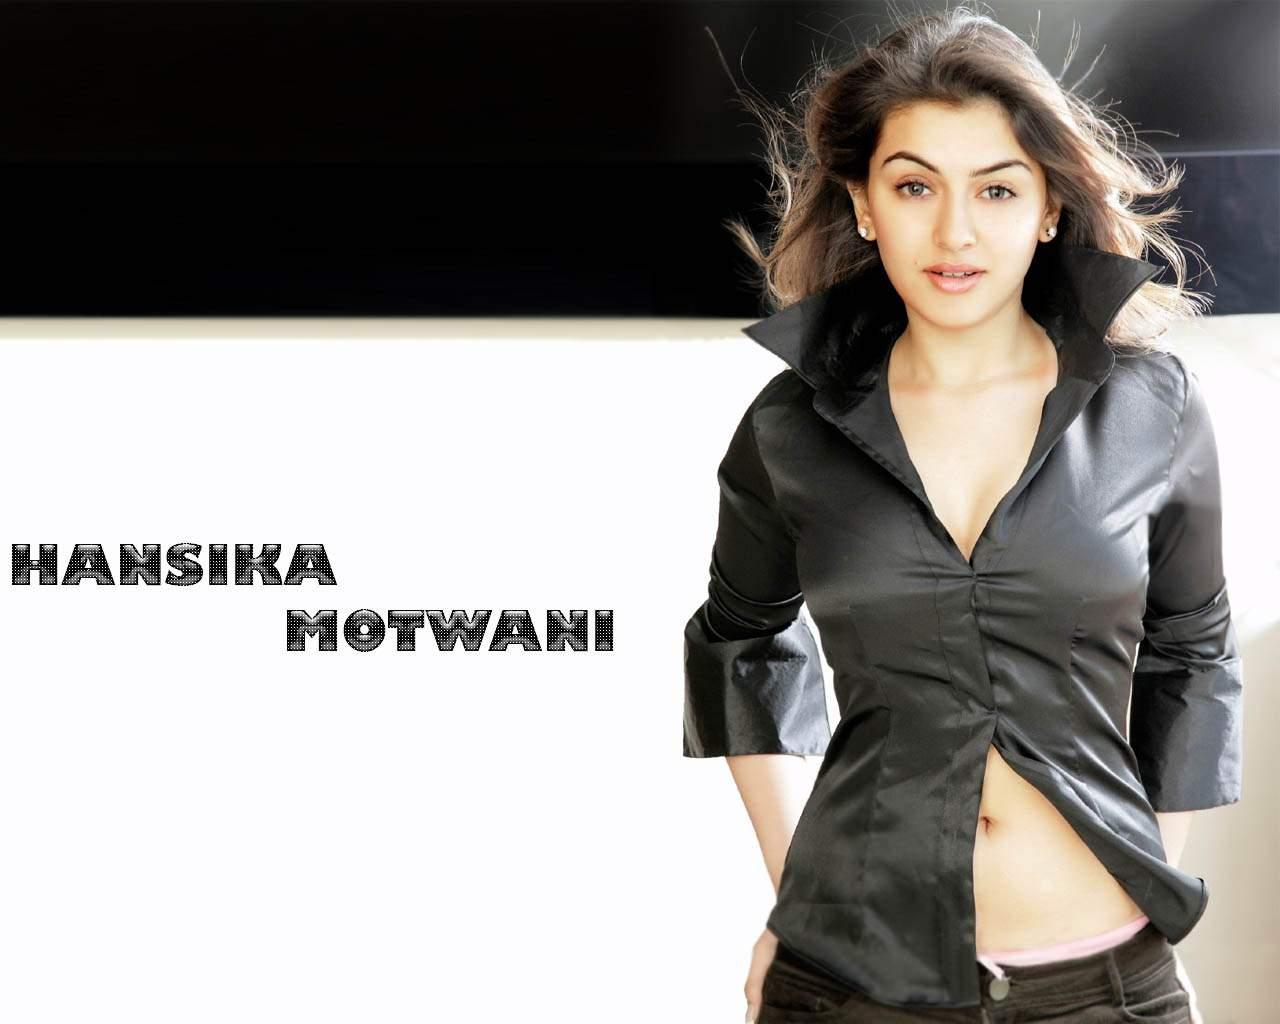 all-the-things-u-want: actress hansika motwani hot wallpapers